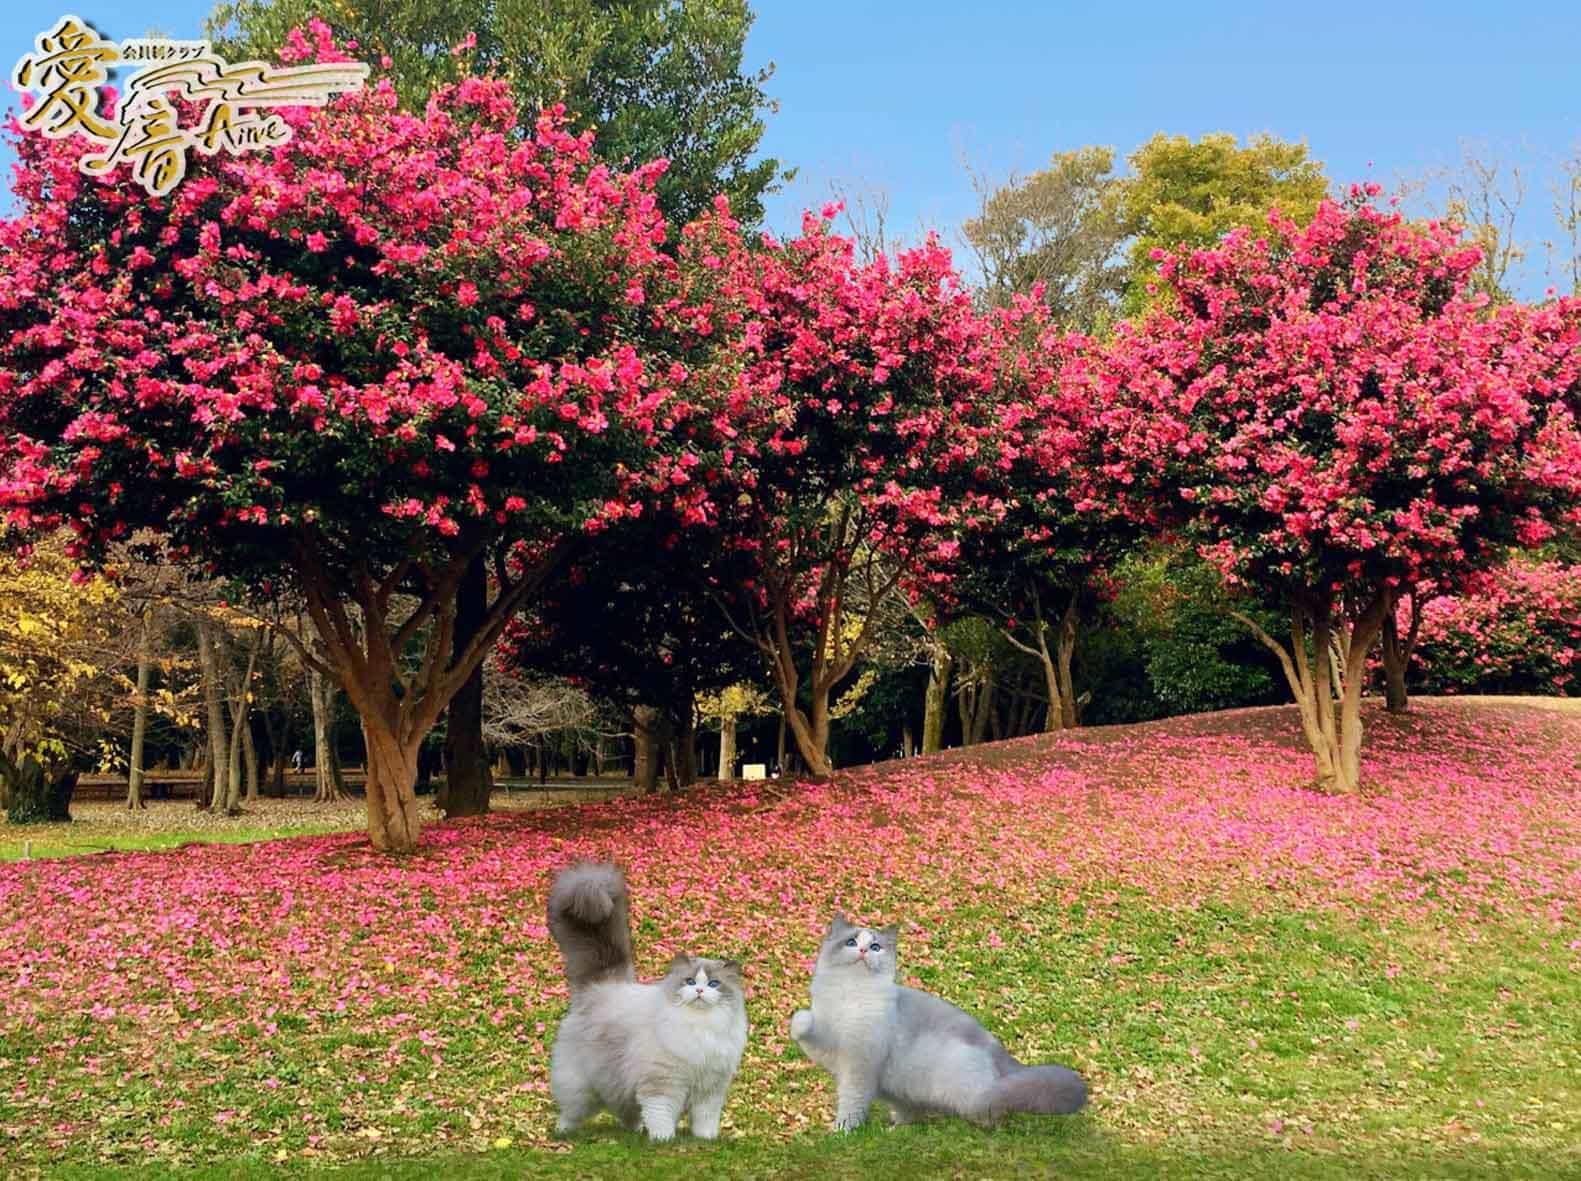 ほこっと暖ったか色💗山茶花の花言葉は、「あなたがもっとも美しい」「永遠の愛」✨